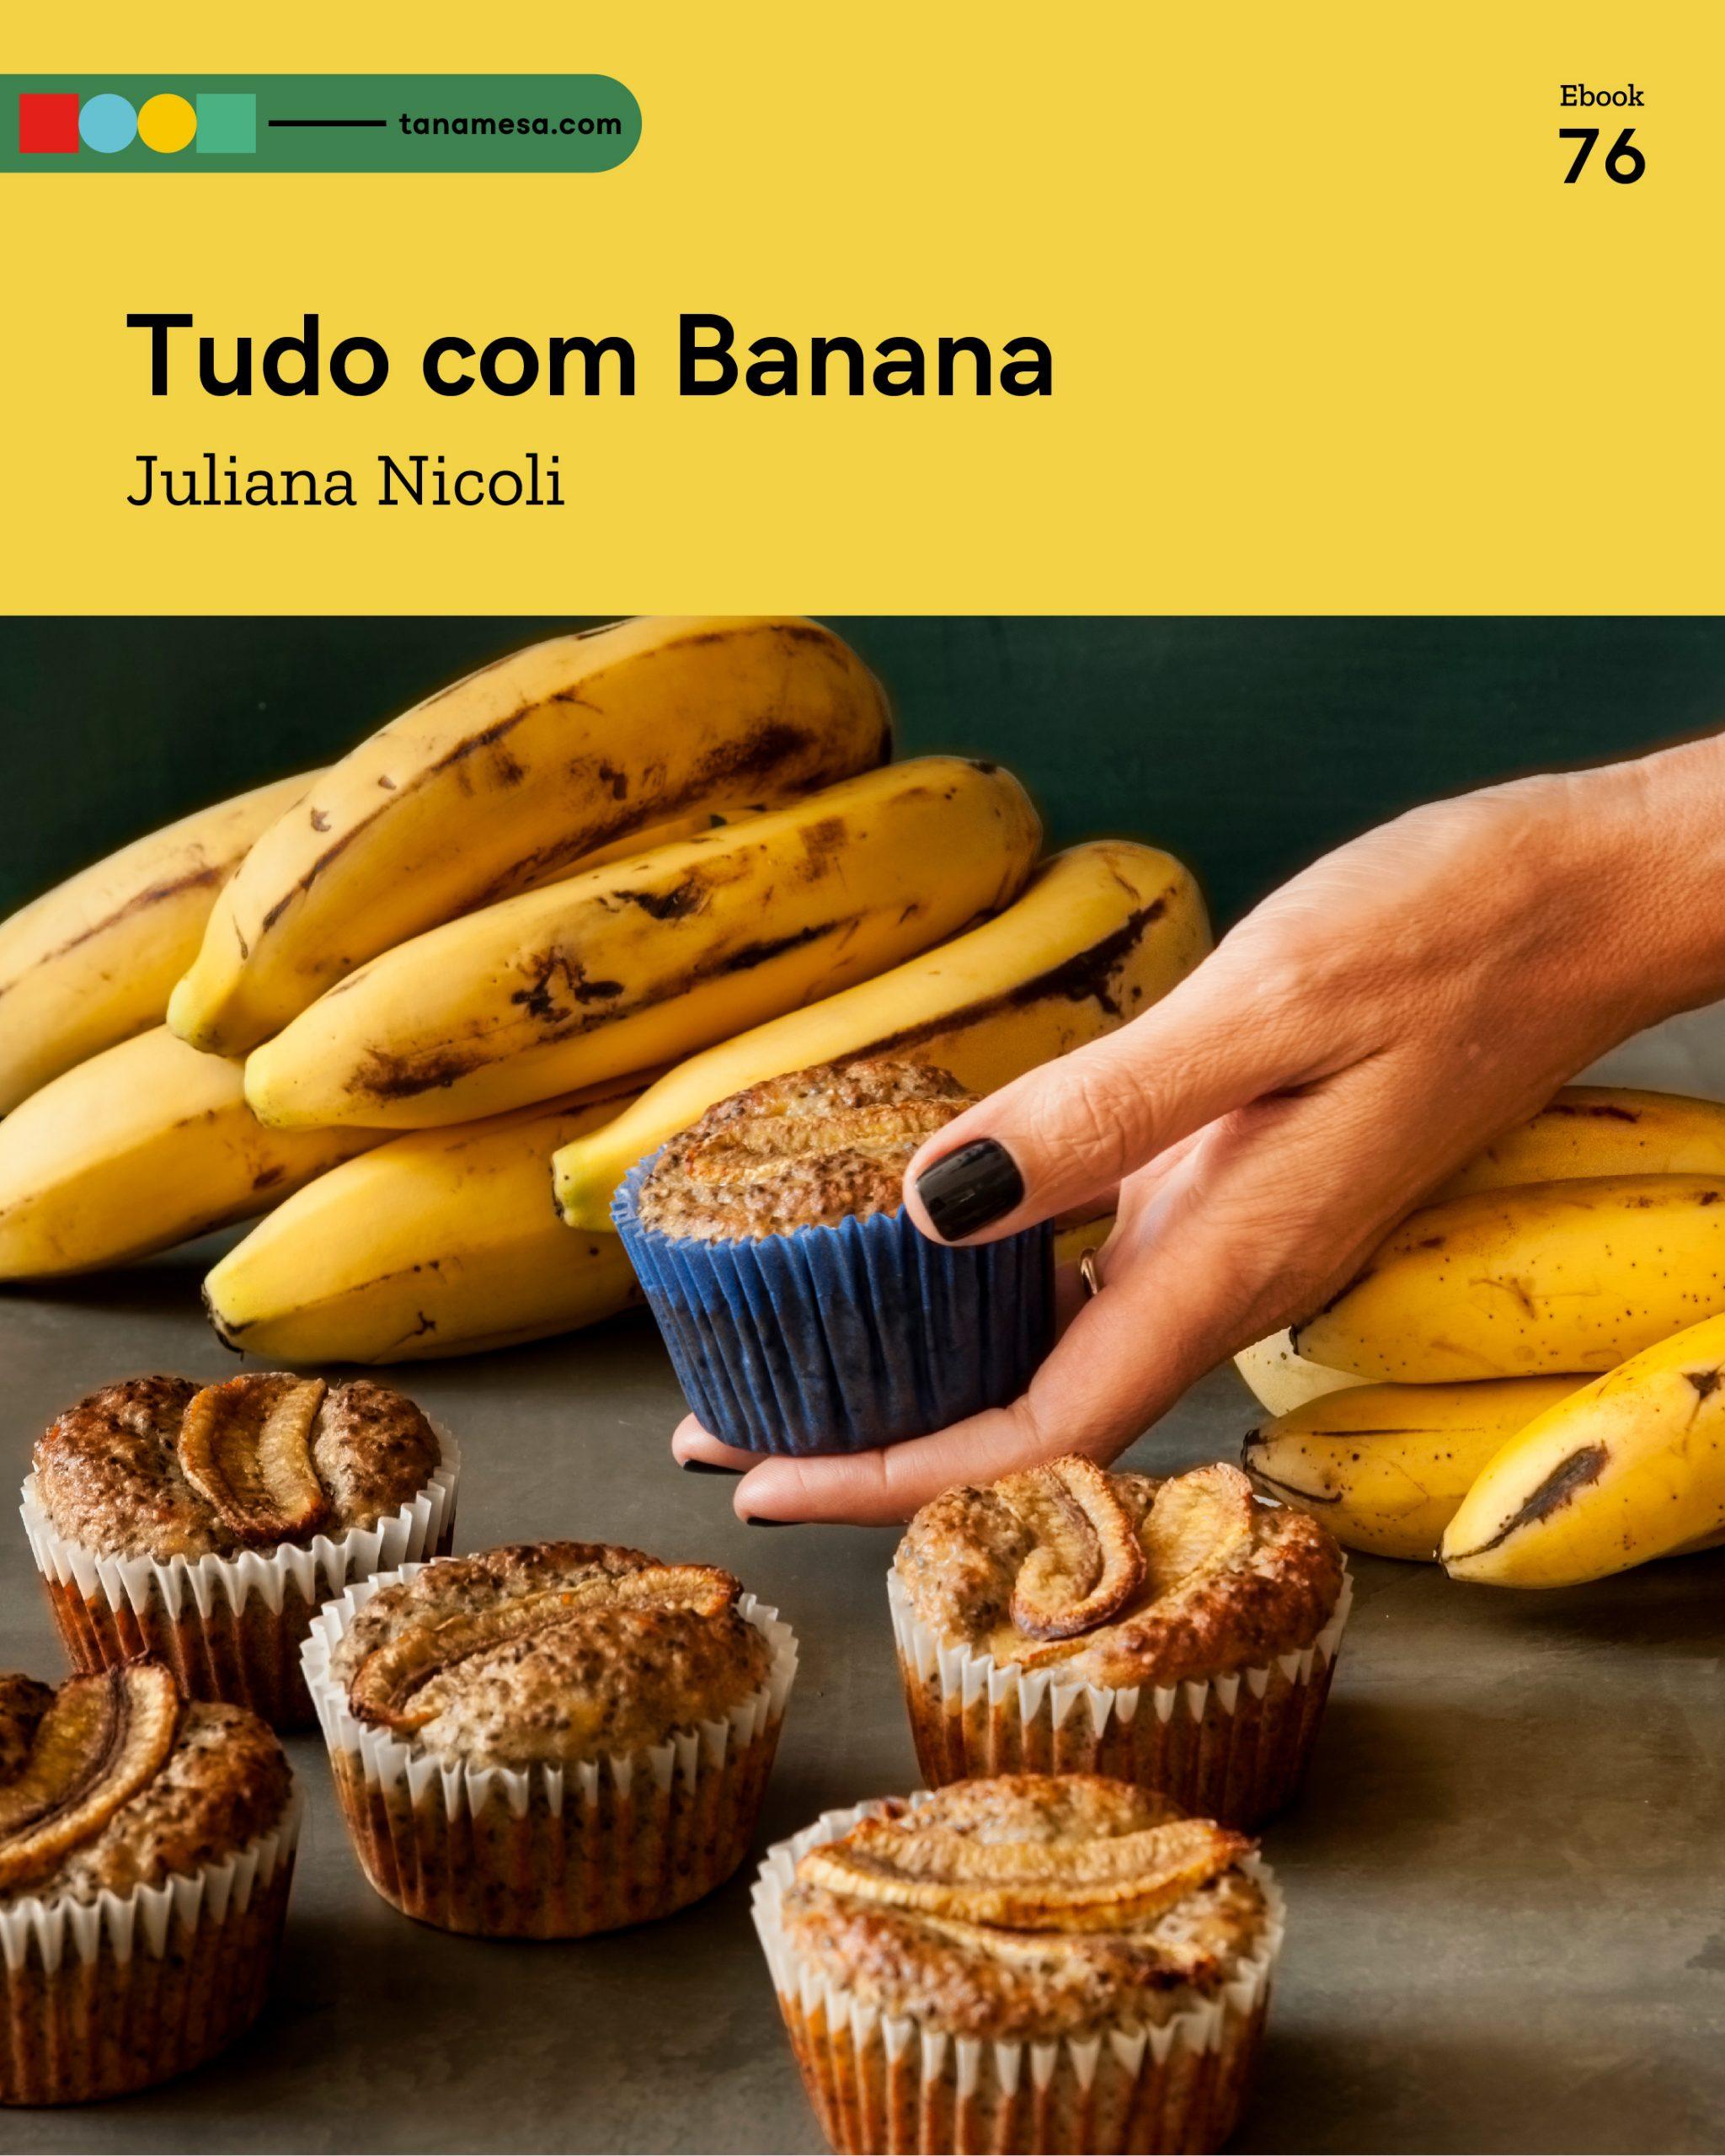 Tudo com Banana